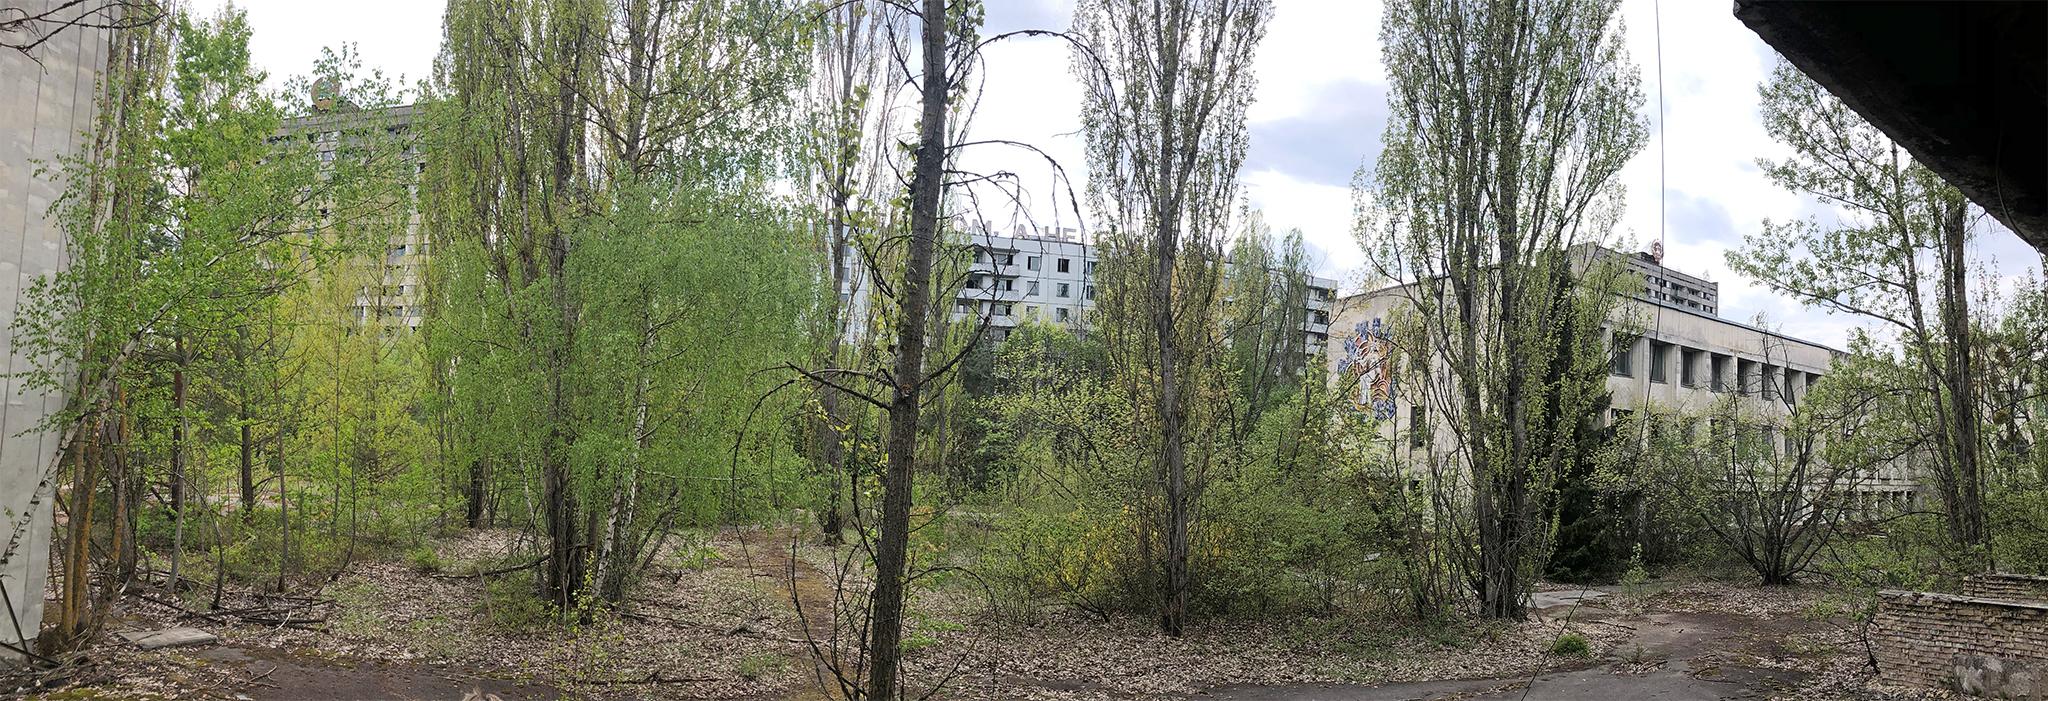 Visitar Chernóbil - Visitar Chernobyl Ucrania Ukraine Pripyat visitar chernóbil - 47045816144 6e50dc16c3 o - Visitar Chernóbil: el lugar más contaminado del planeta